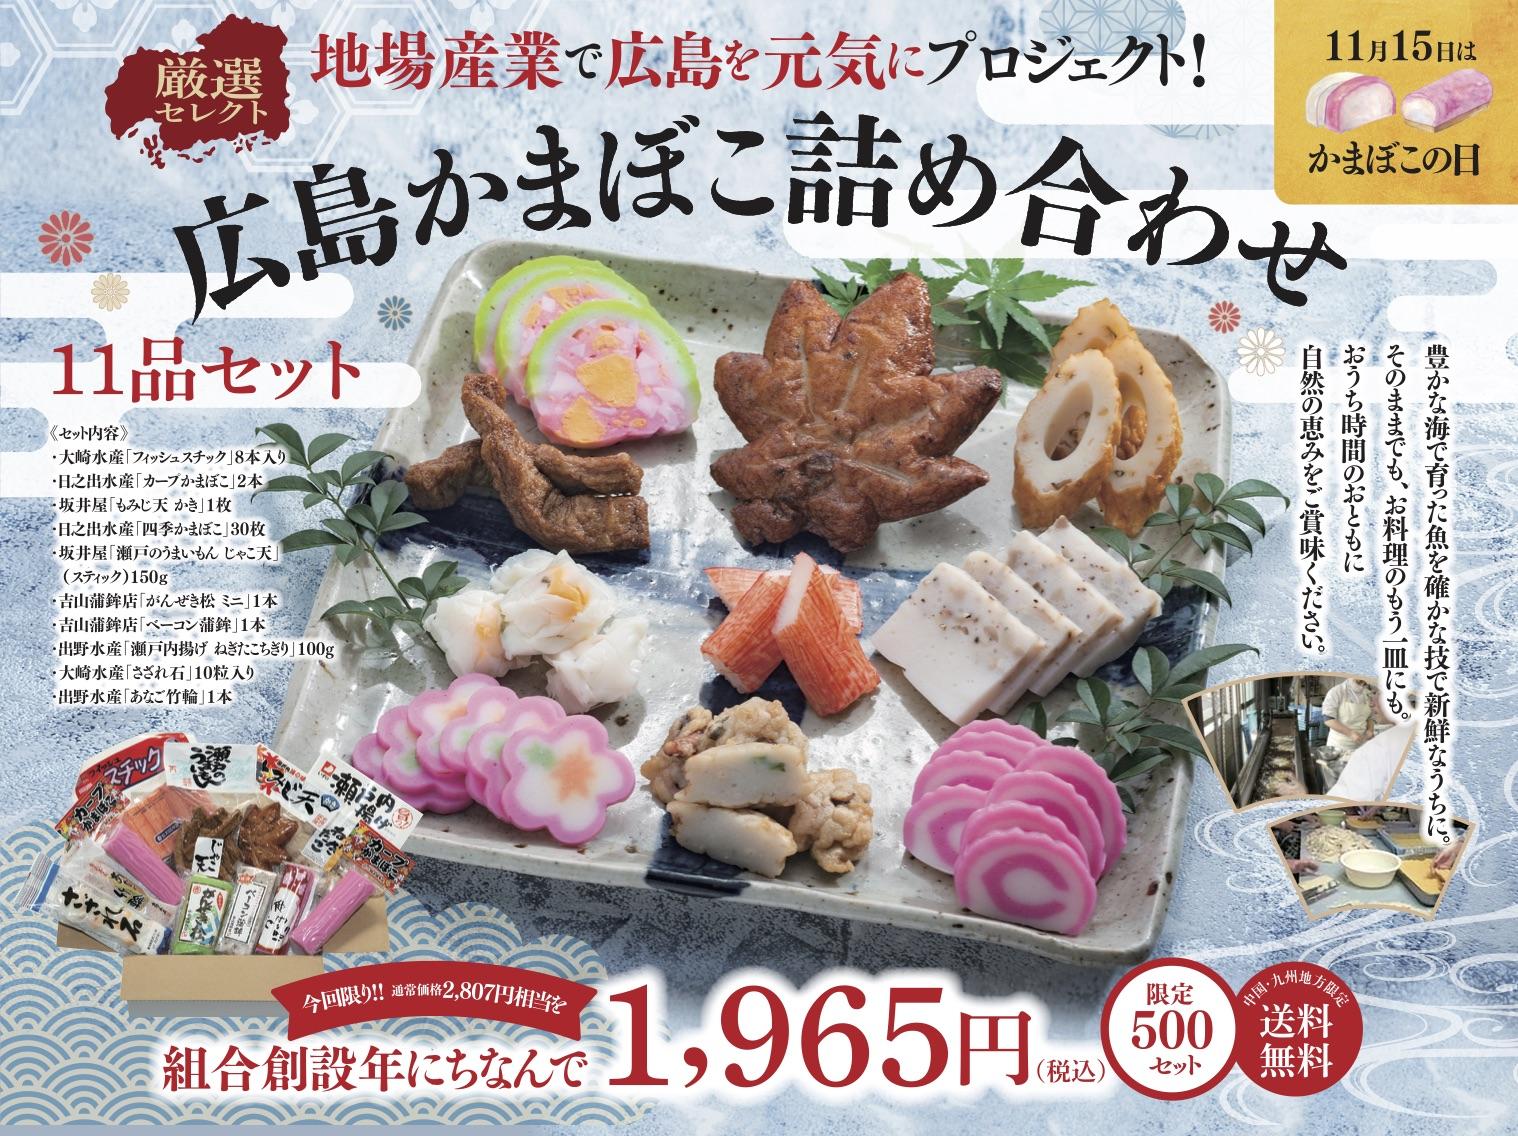 【地場産業で広島を元気にプロジェクト!】広島かまぼこ詰め合わせ